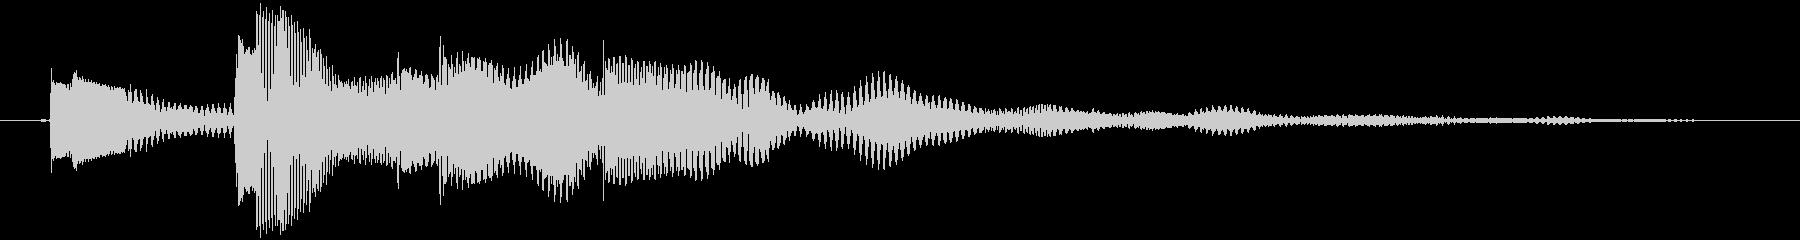 決定音 柔らかめの未再生の波形